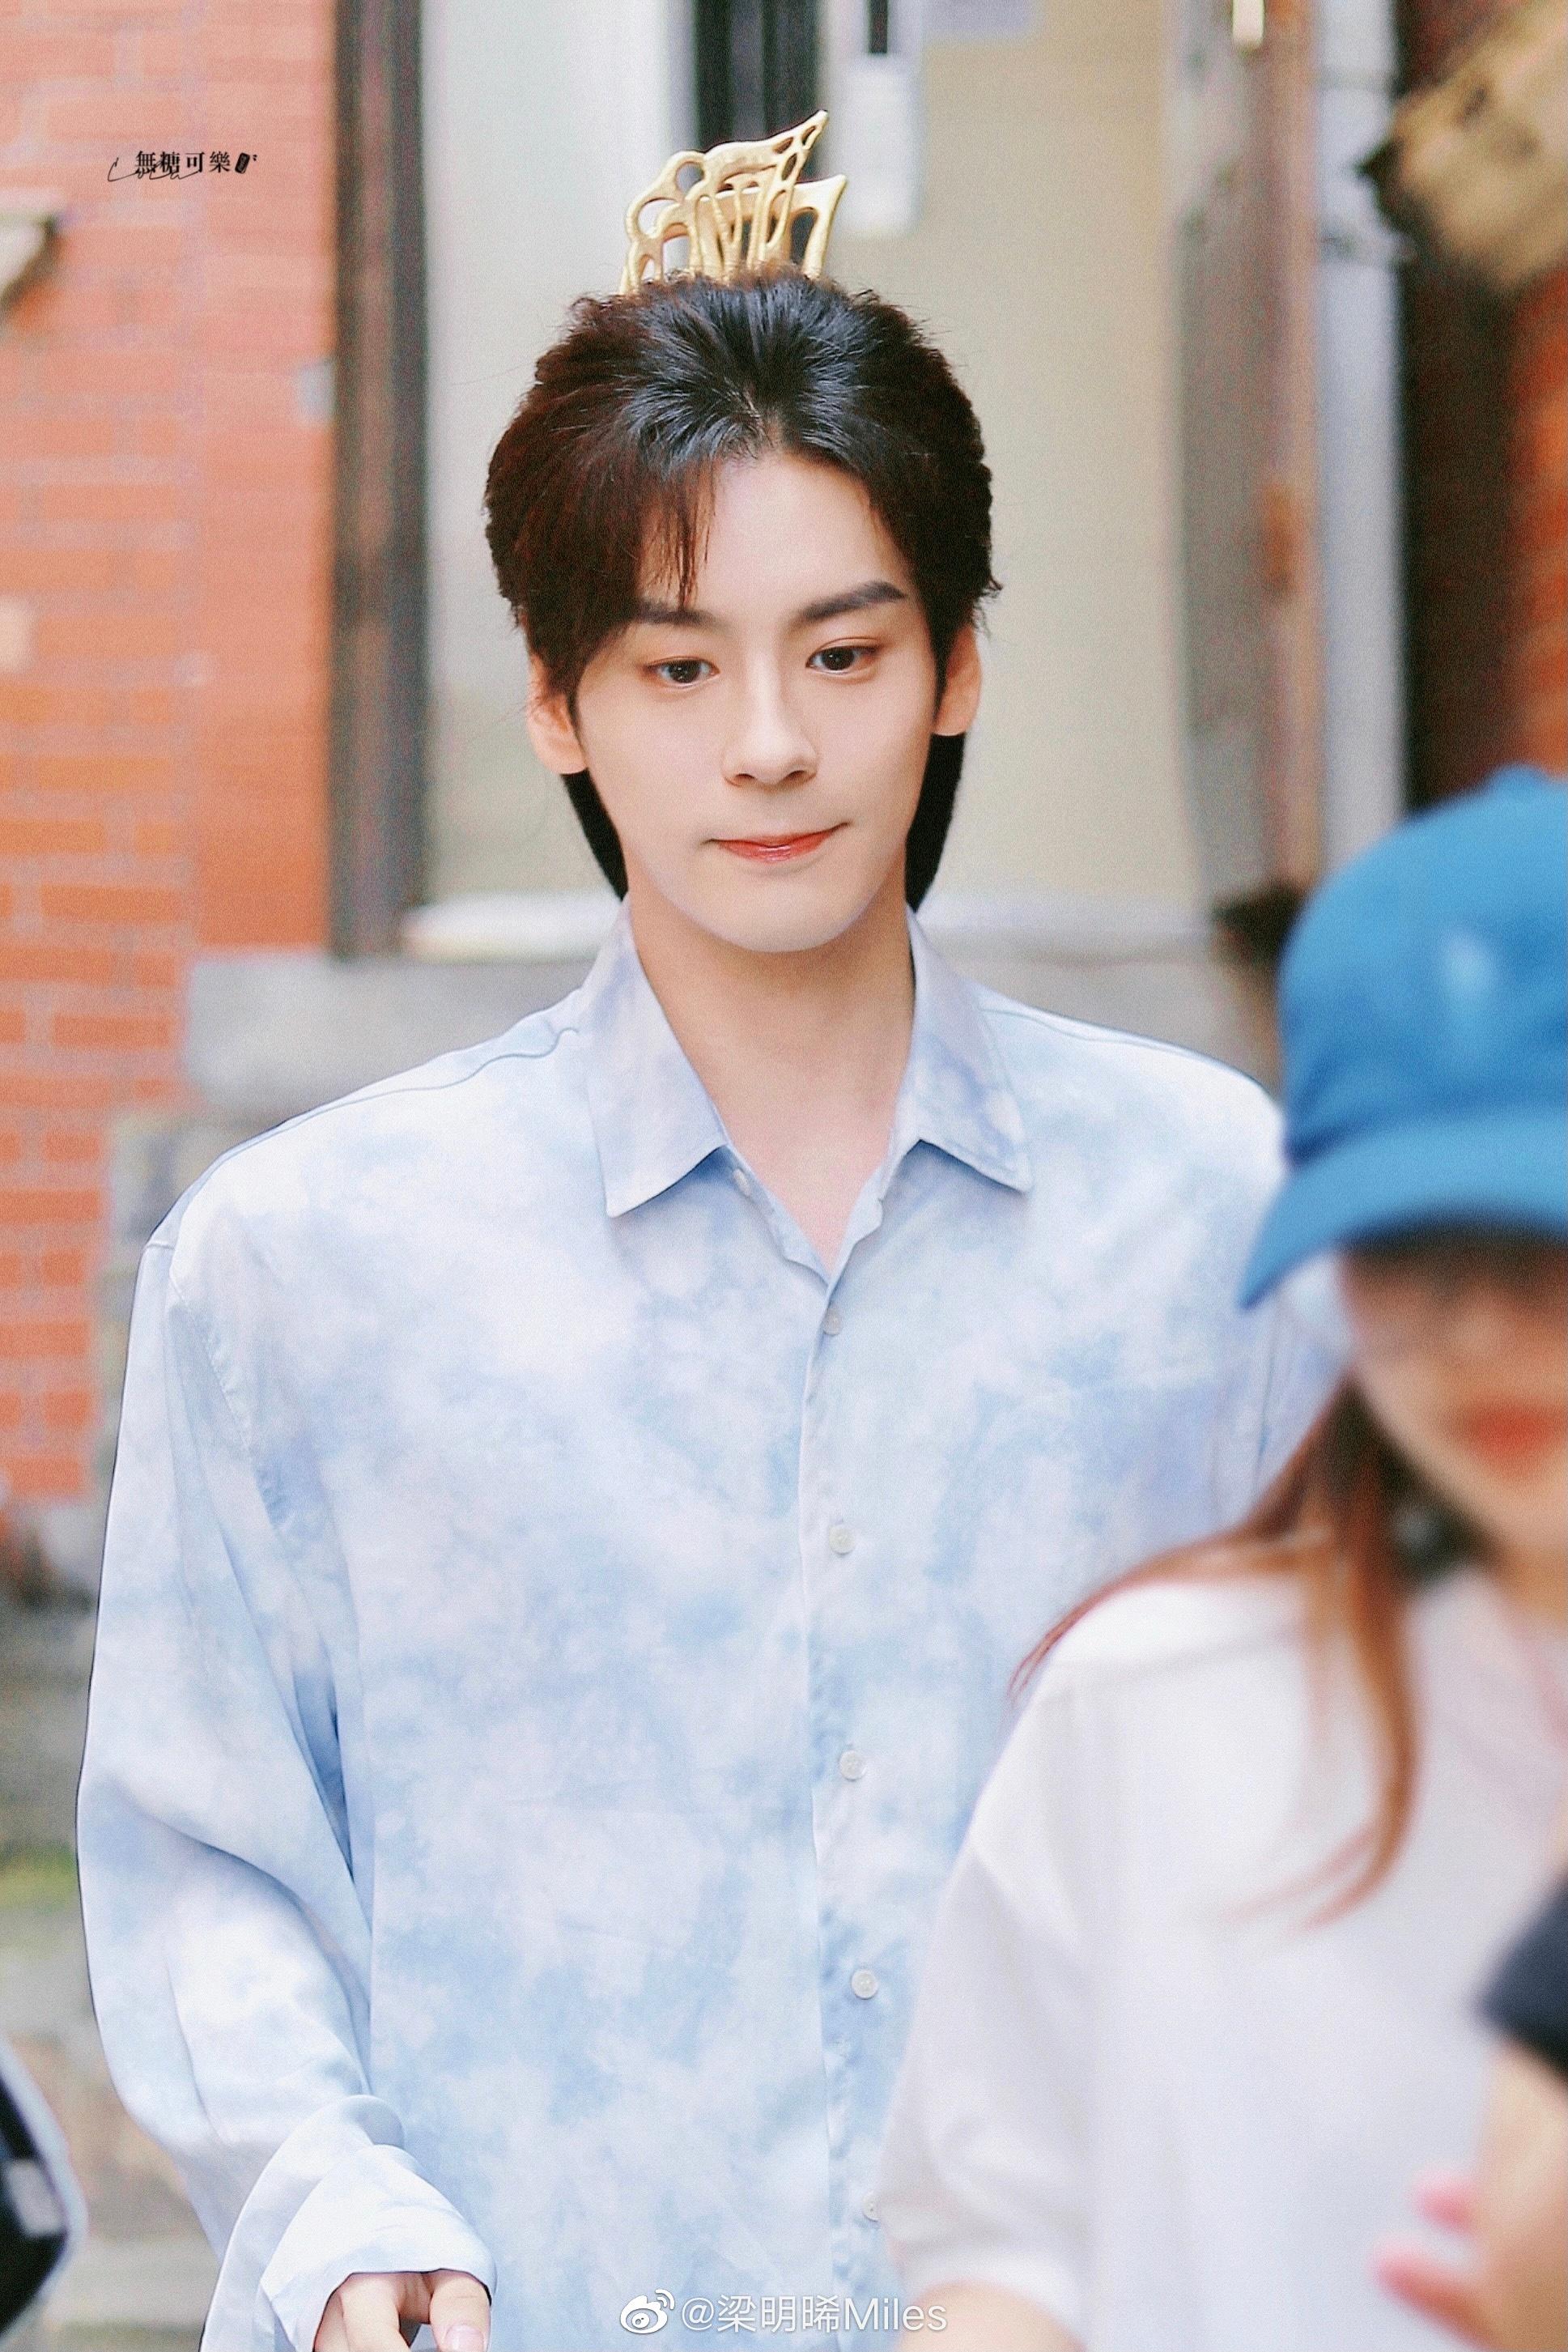 Hình ảnh của nam chính Ngụy Minh Triết kém nổi bật.